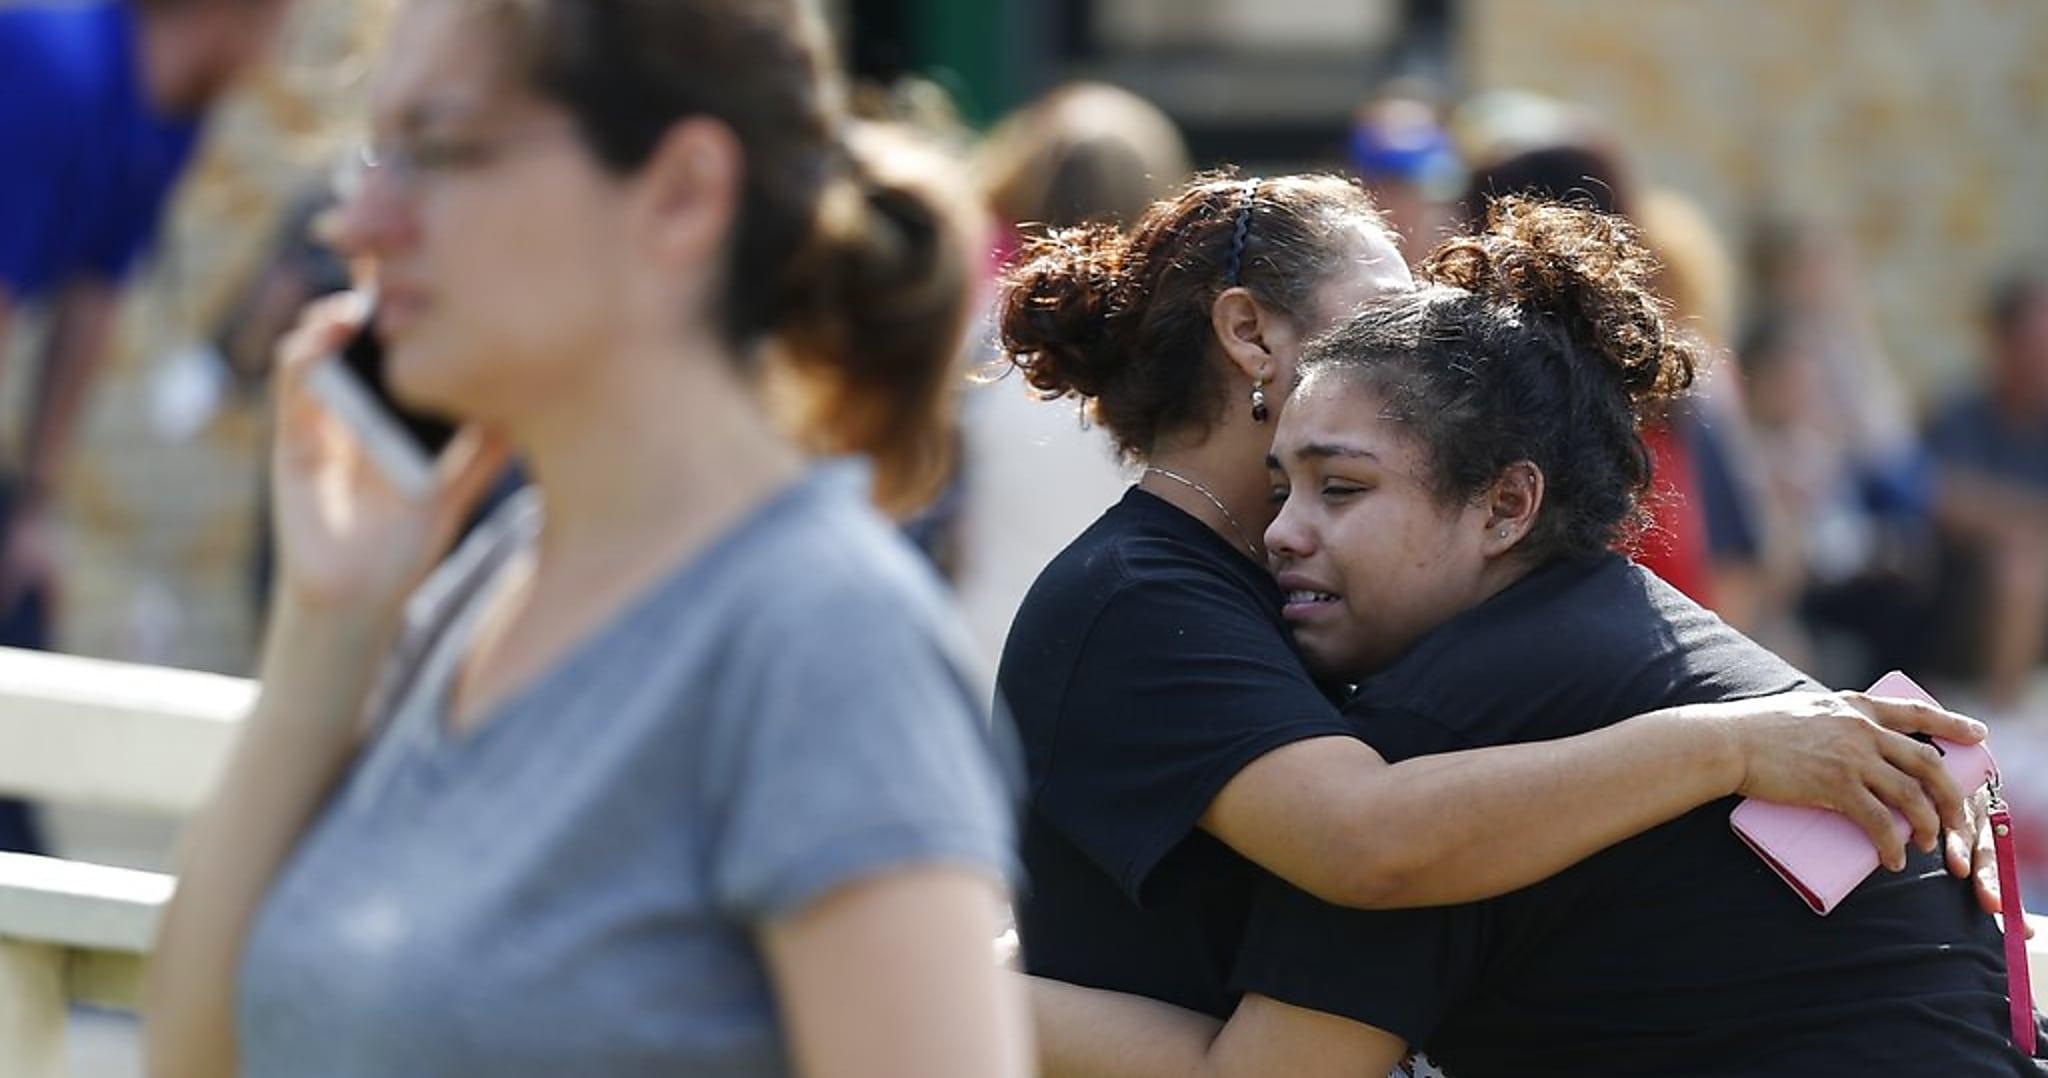 ÚLTIMA HORA: Identifican A Sospechoso Capturado Tras Masacre En Escuela De Texas; Hay Otro En Custodia.